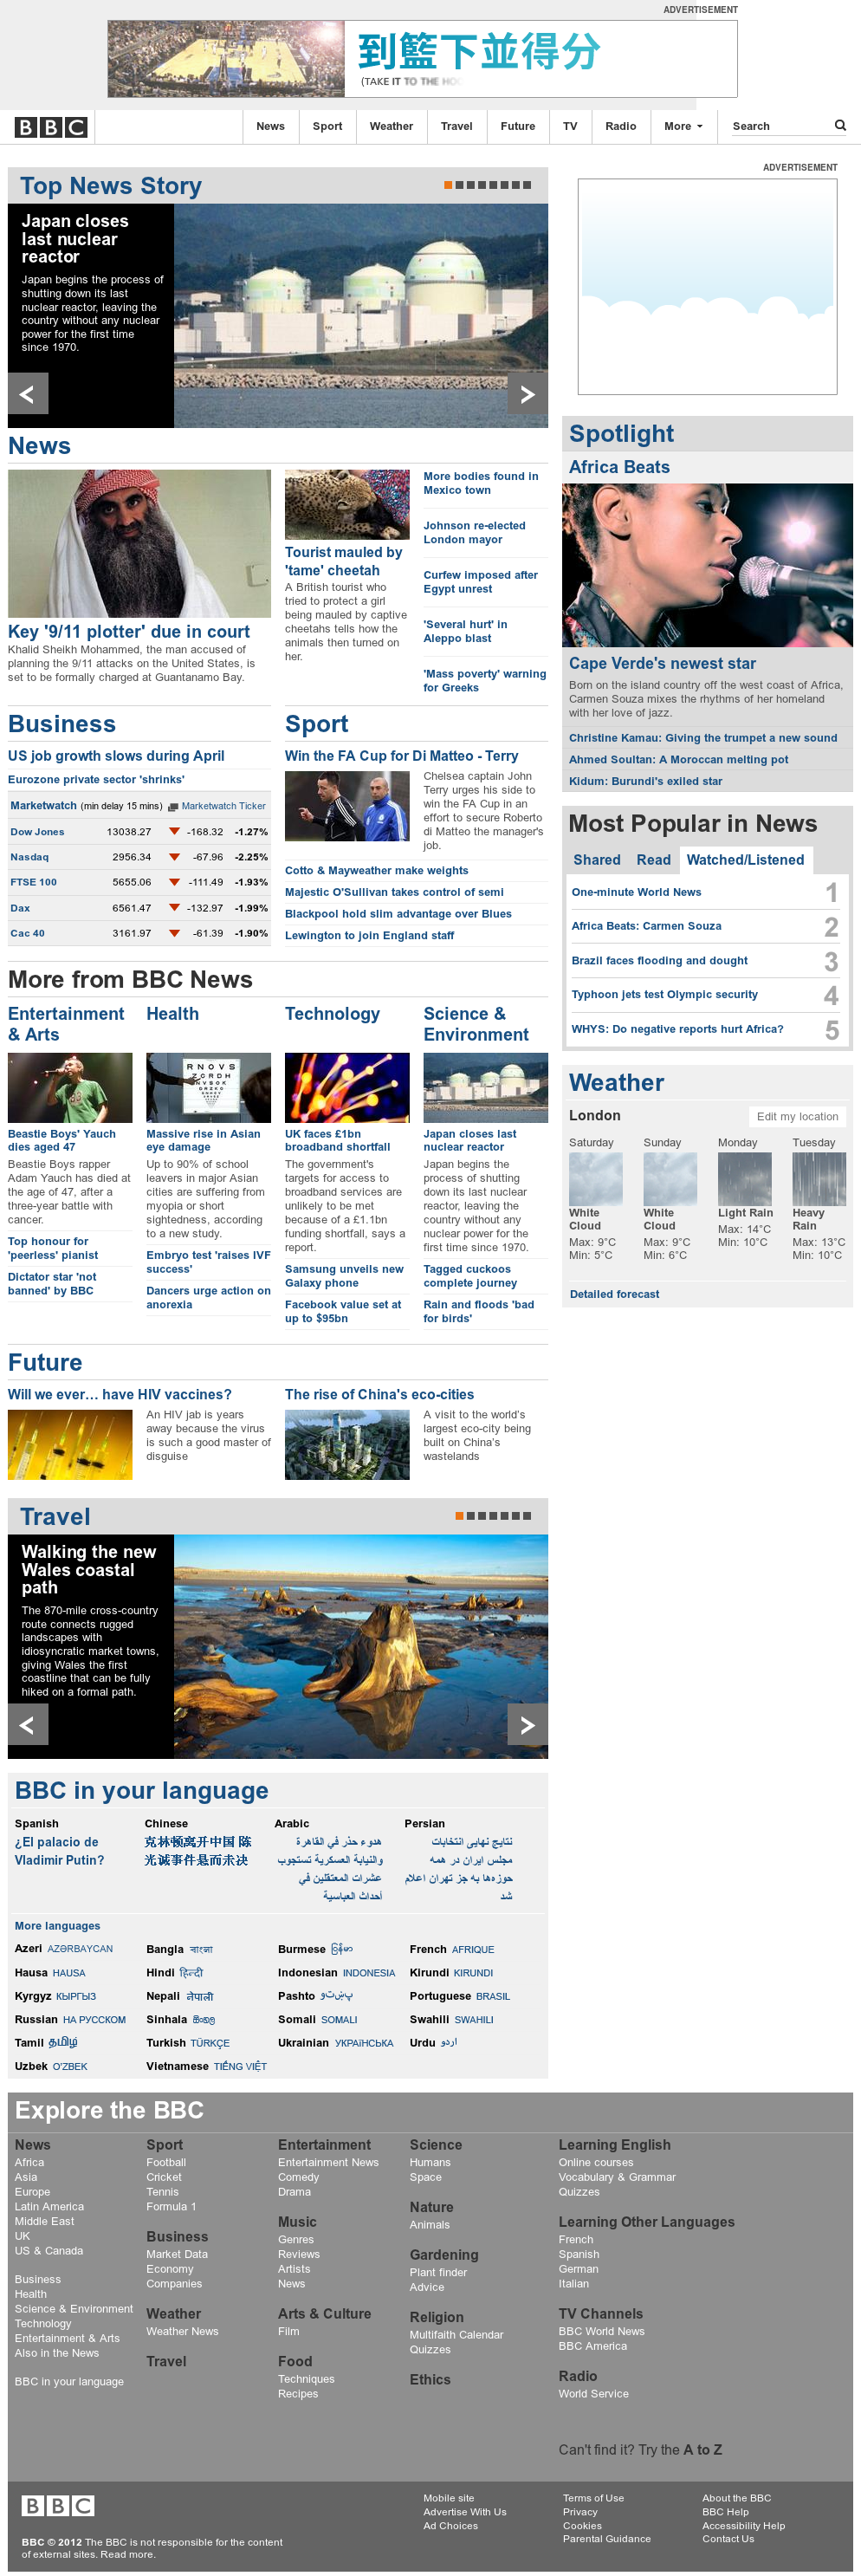 BBC at Saturday May 5, 2012, 10 a.m. UTC